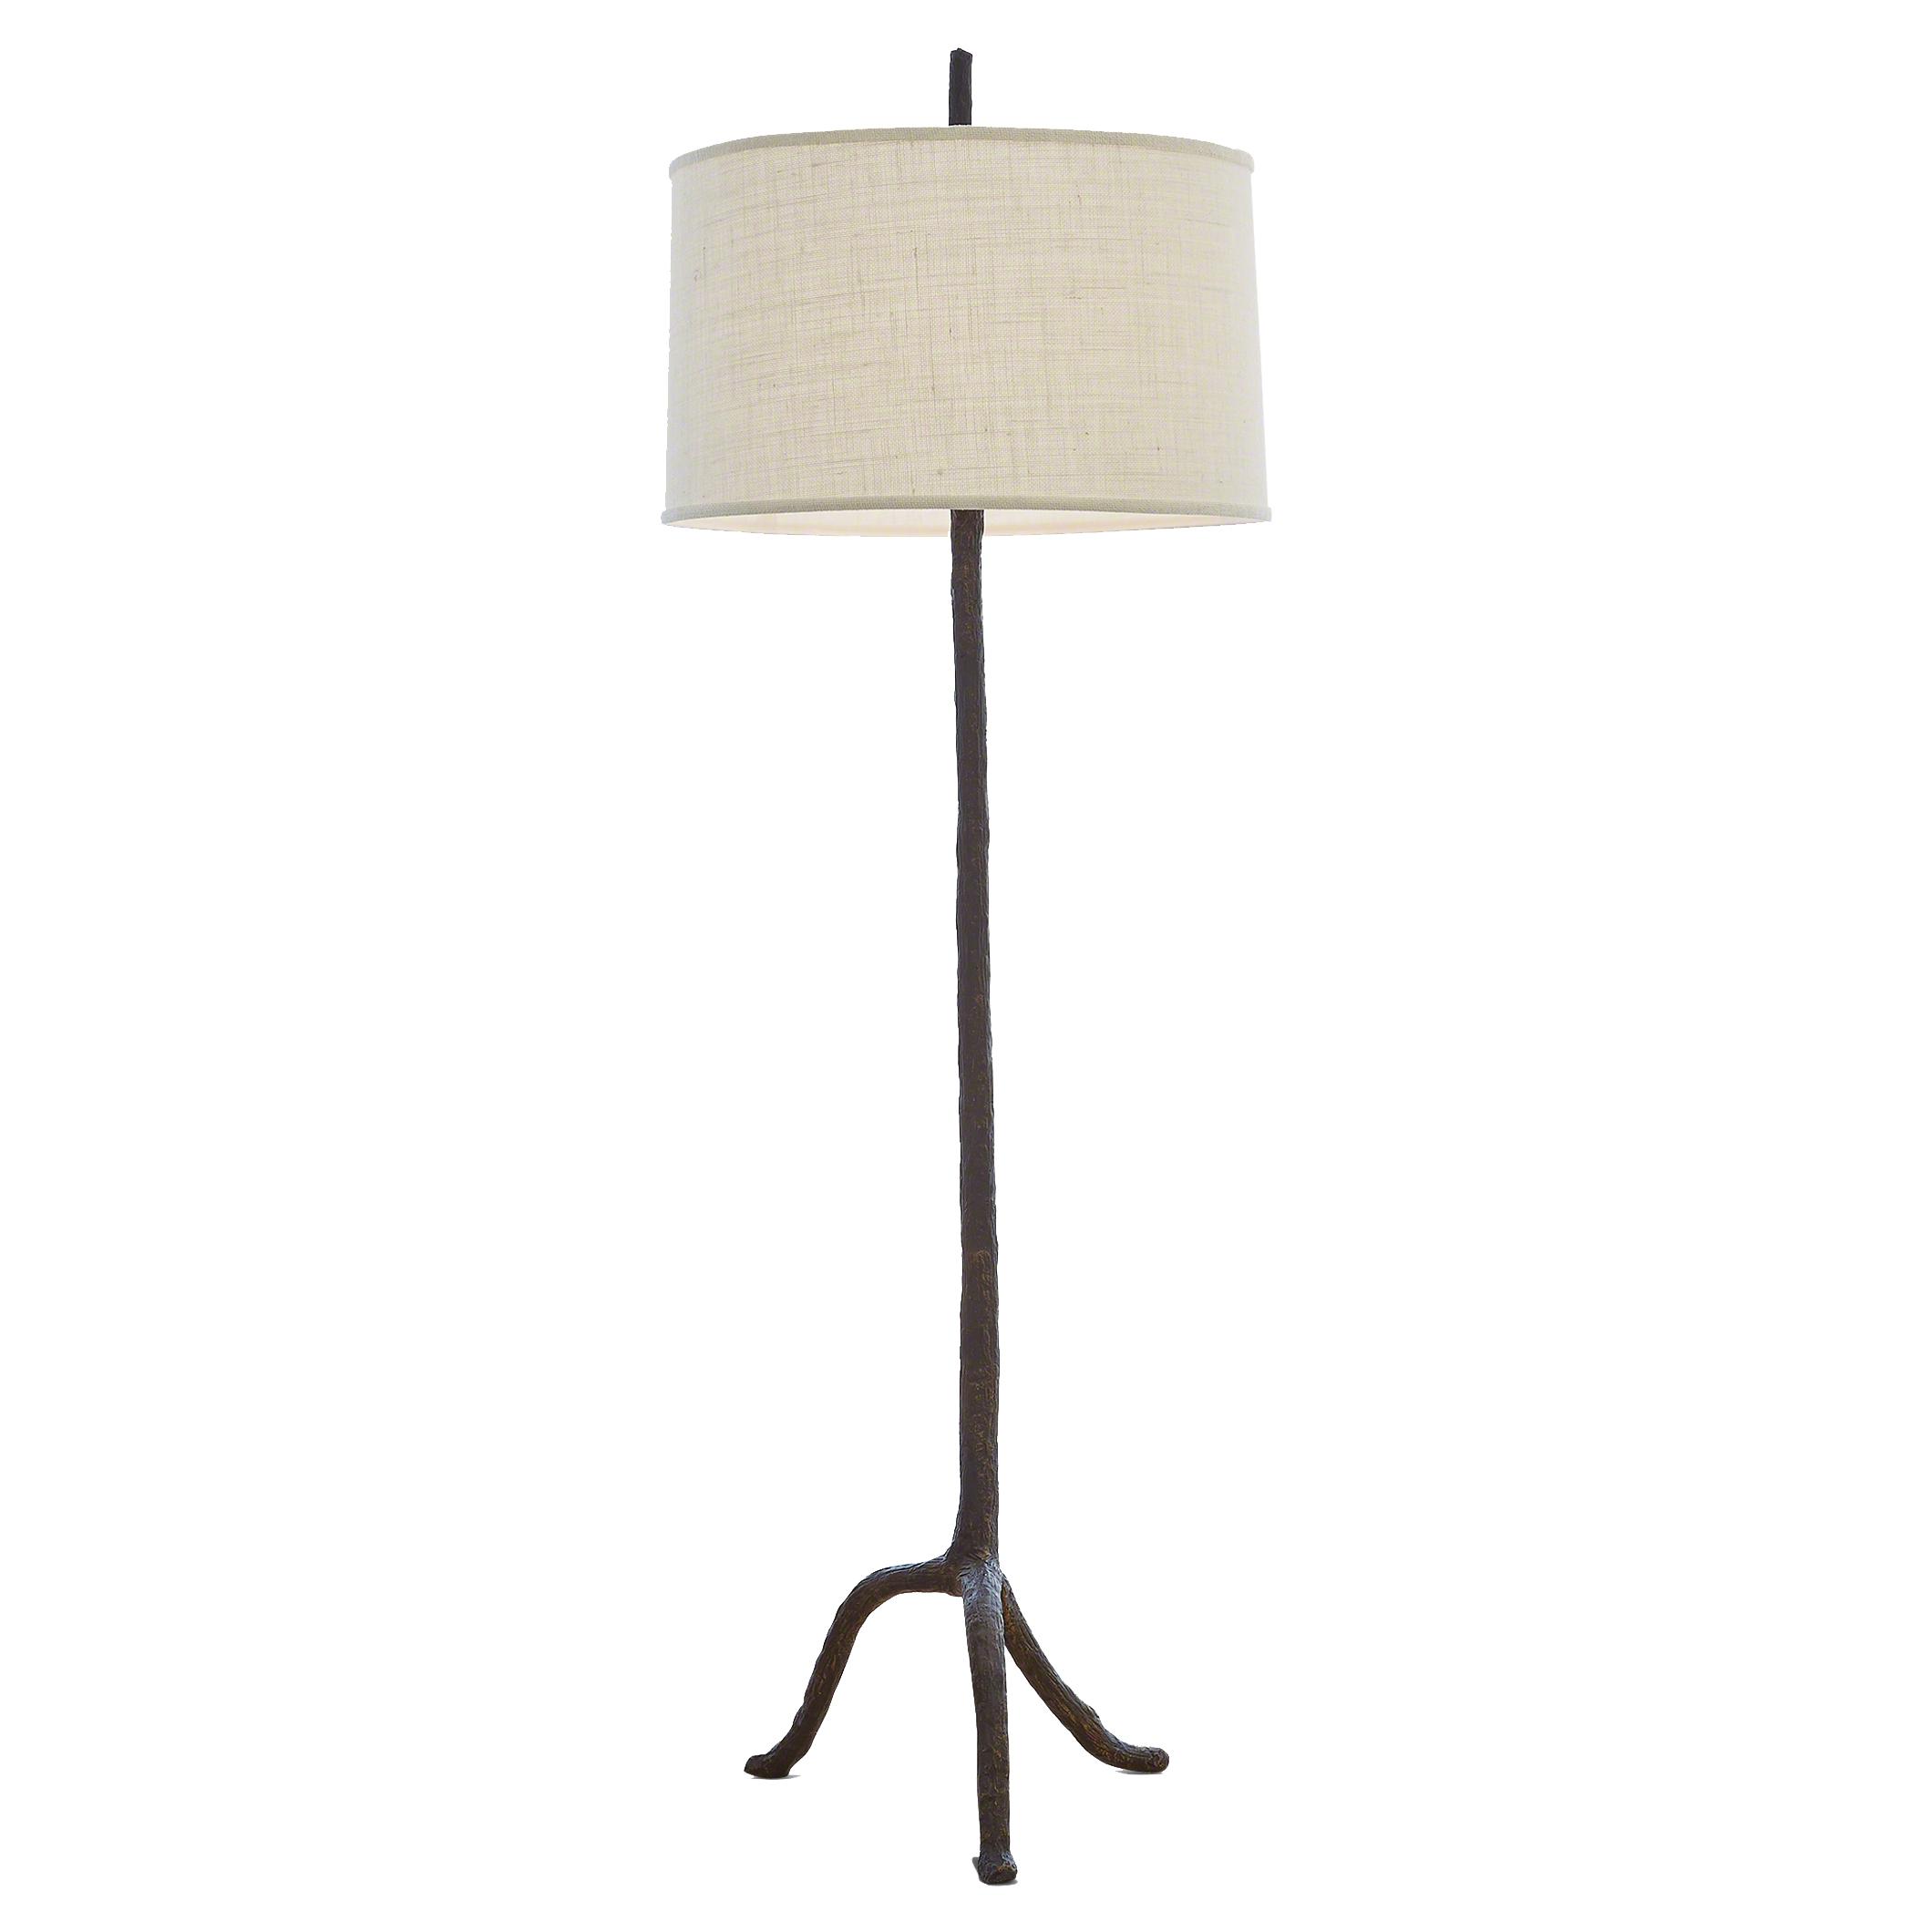 Designer Floor Lamps - Eclectic Floor Lamps | Kathy Kuo Home